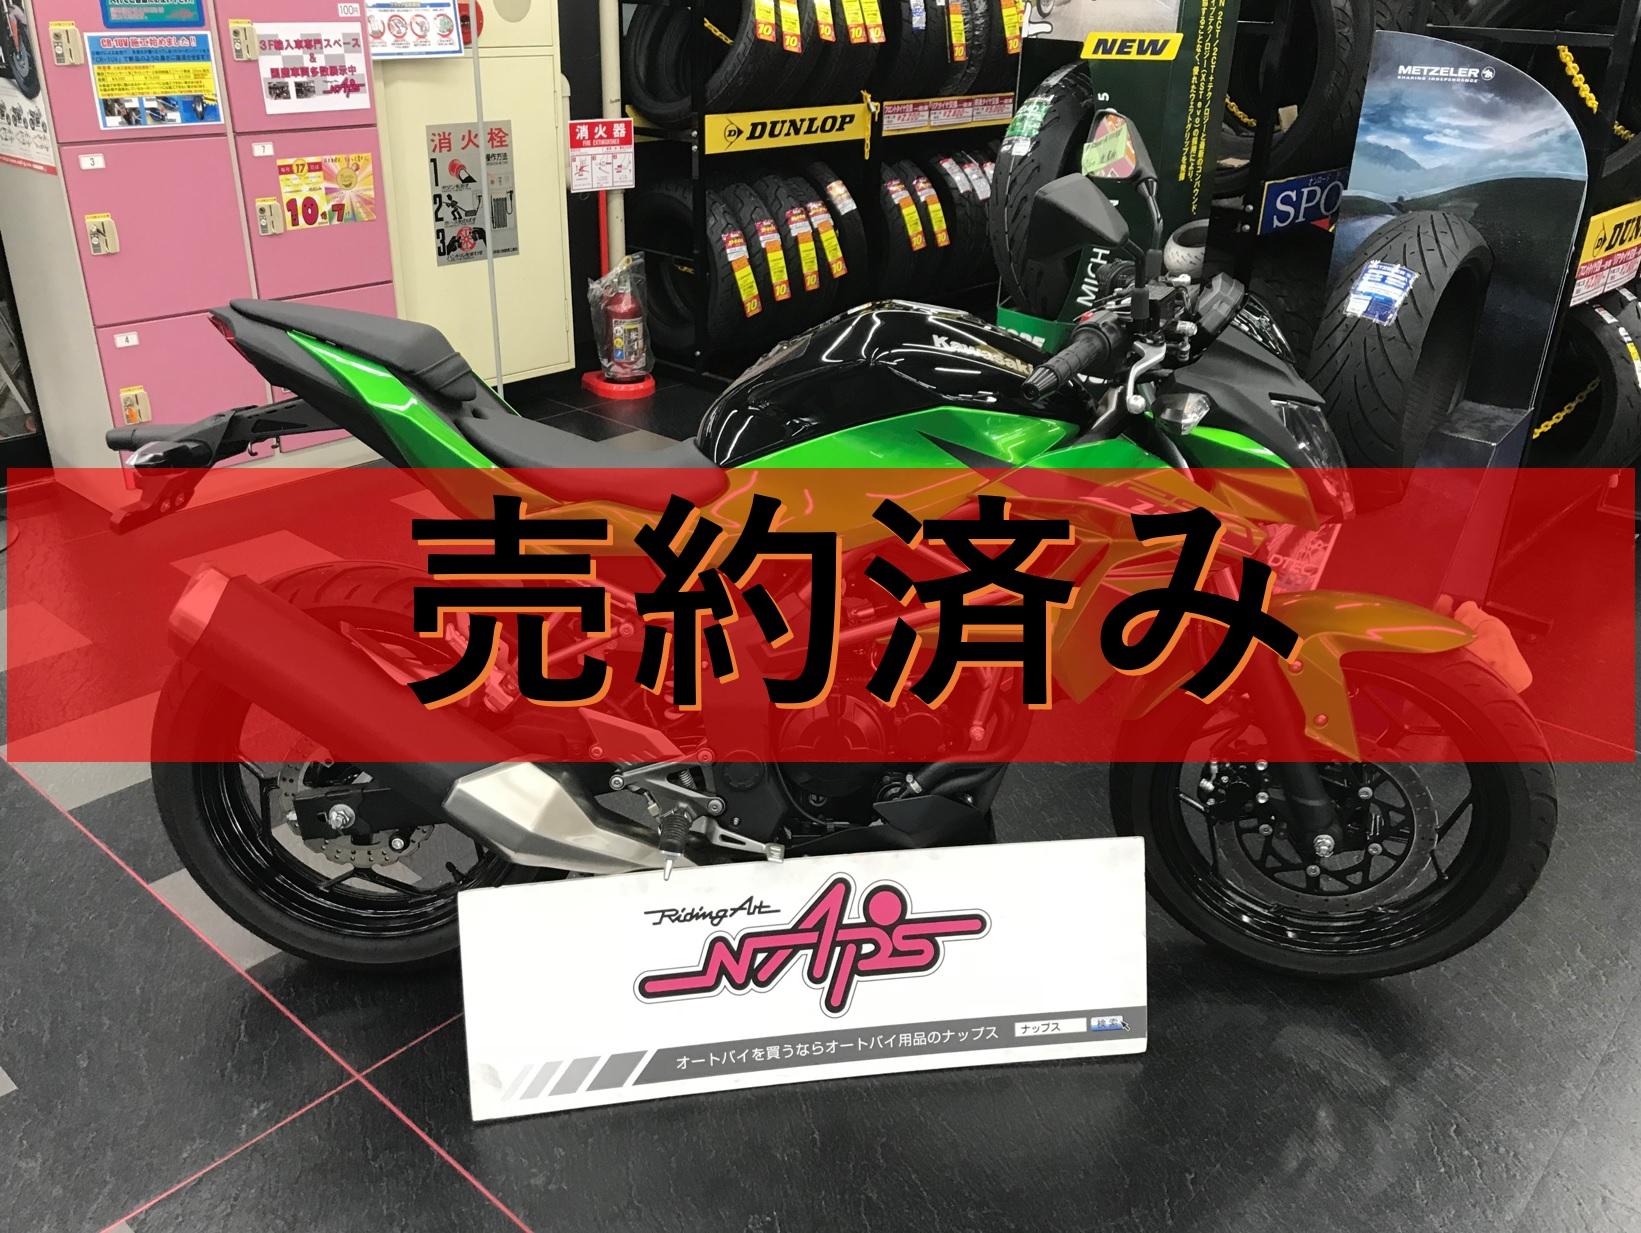 KAWASAKI 【販売車両】Z250SL ヘルメットホルダー